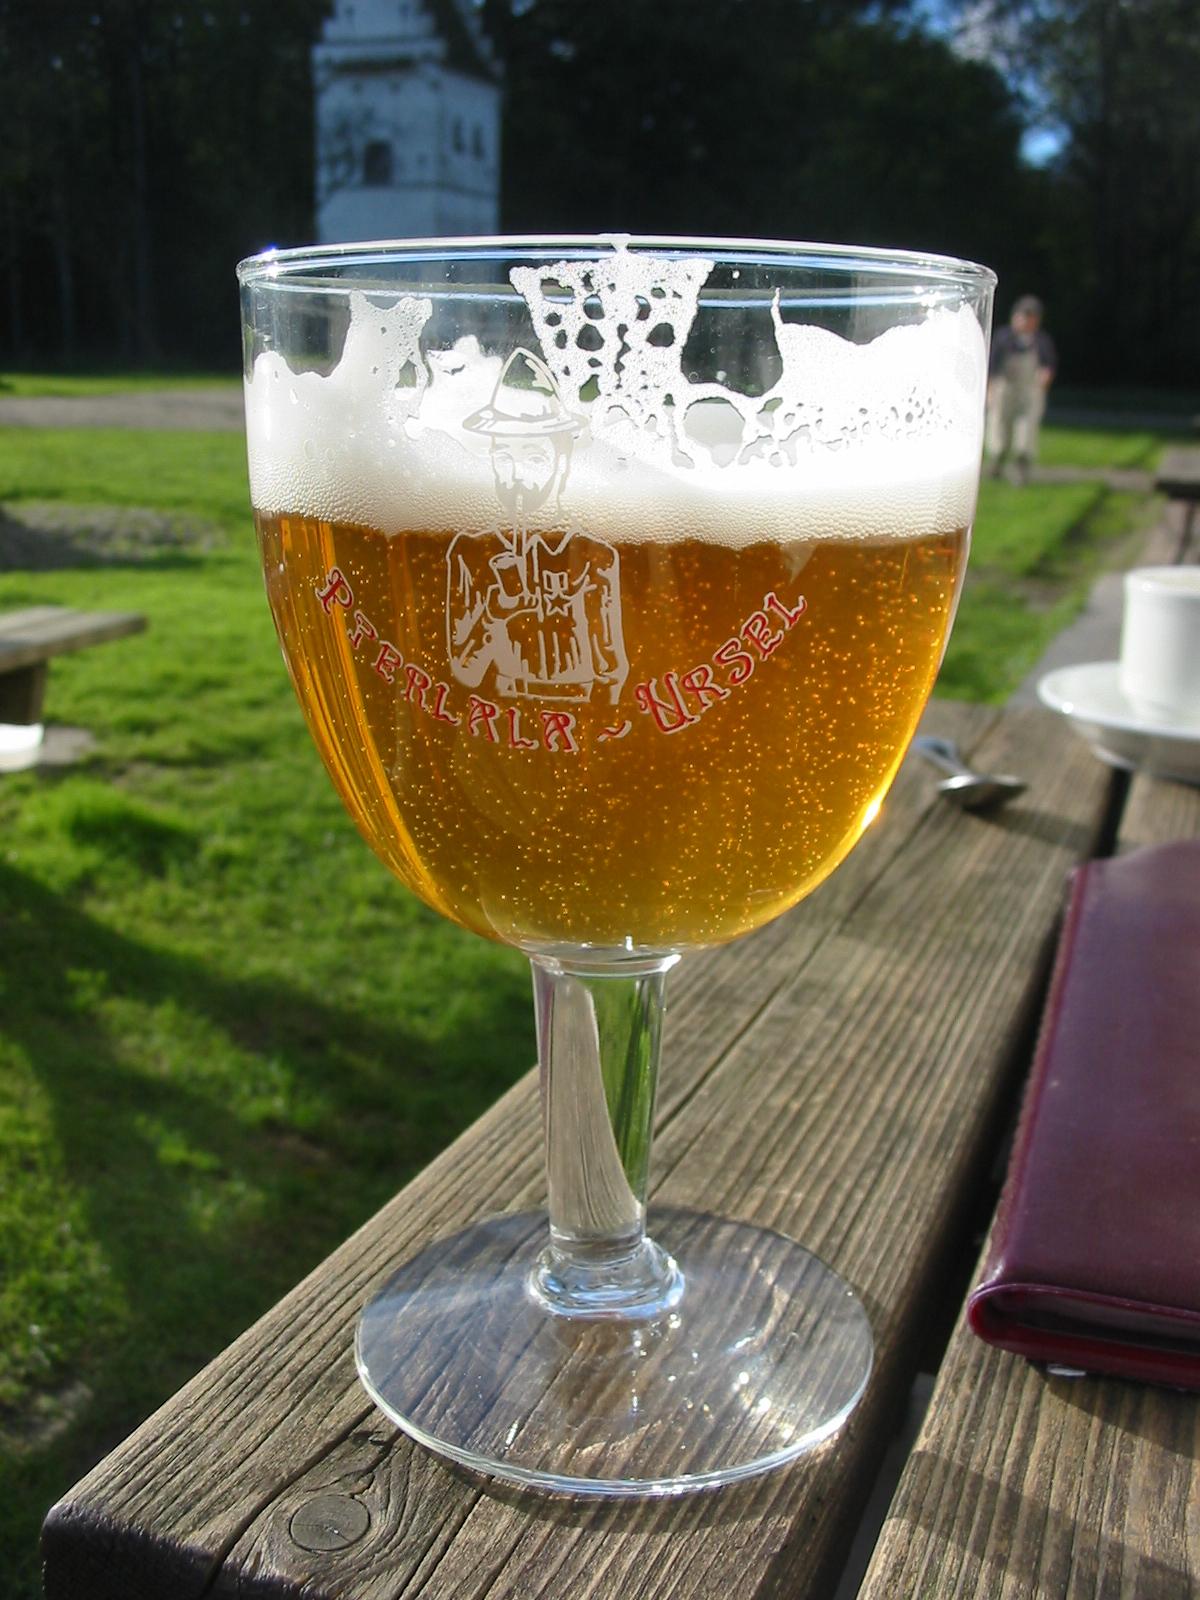 Pierlala bier.JPG